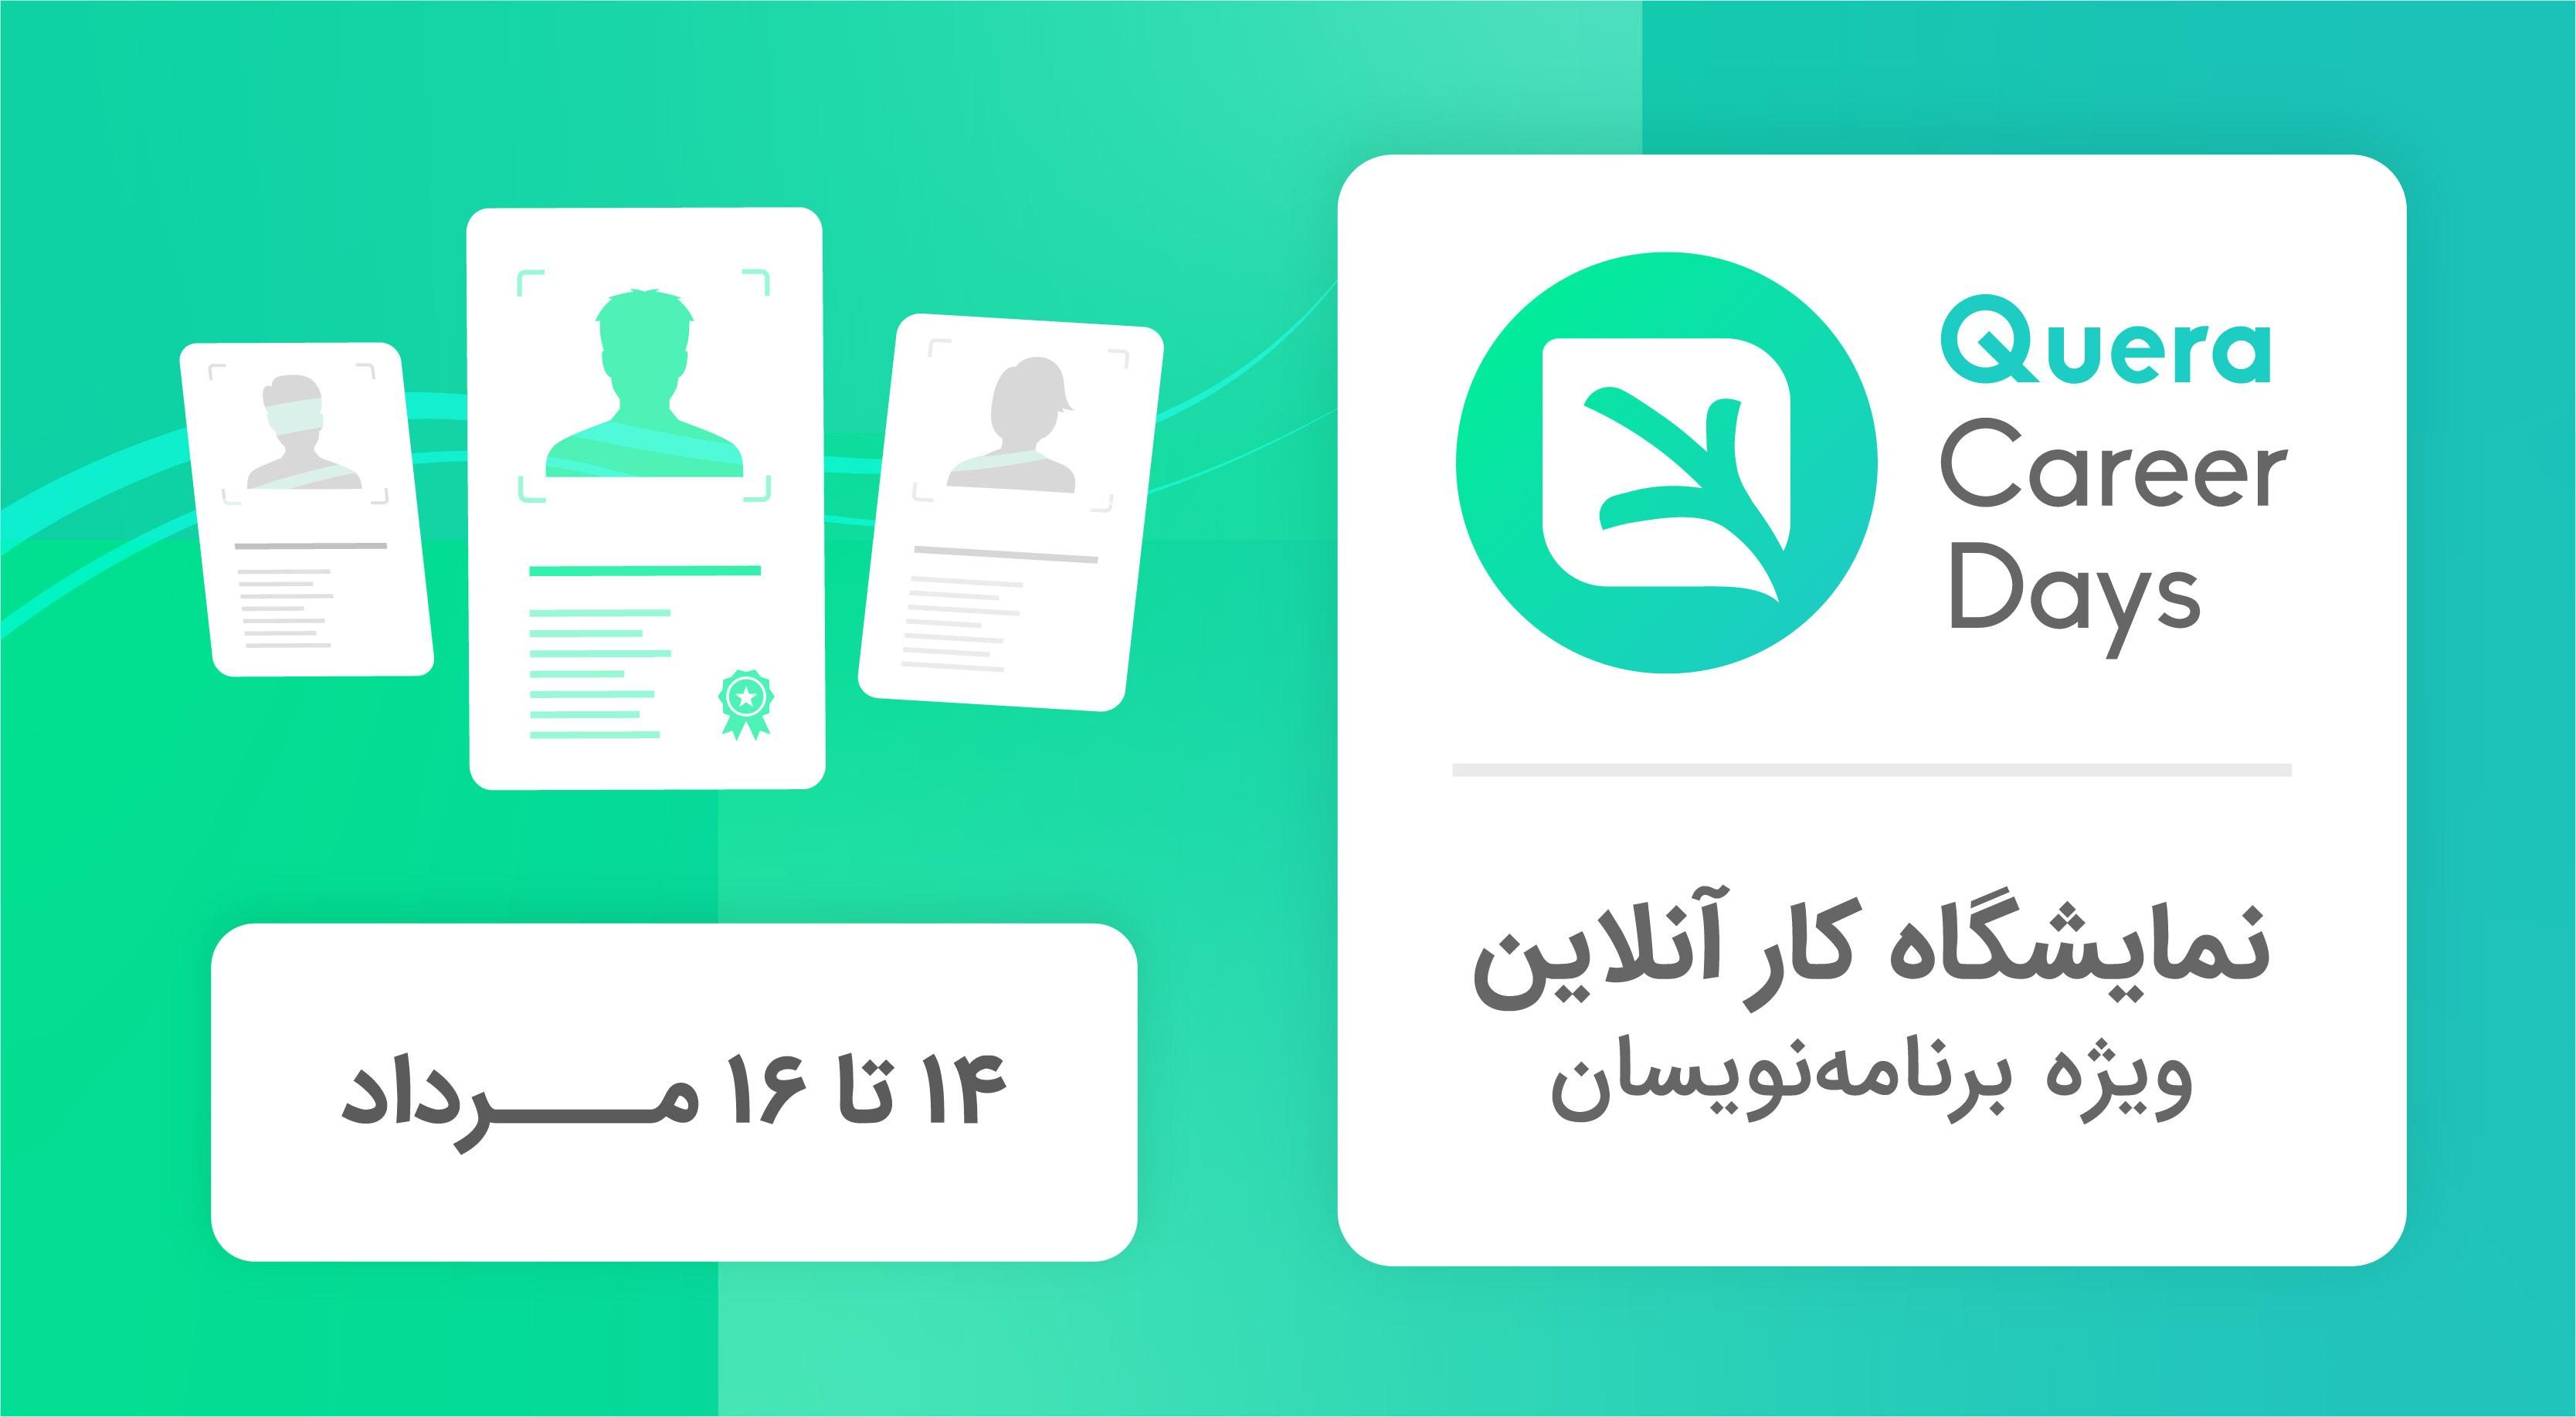 نمایشگاه کار آنلاین کوئرا - ویژه برنامهنویسان